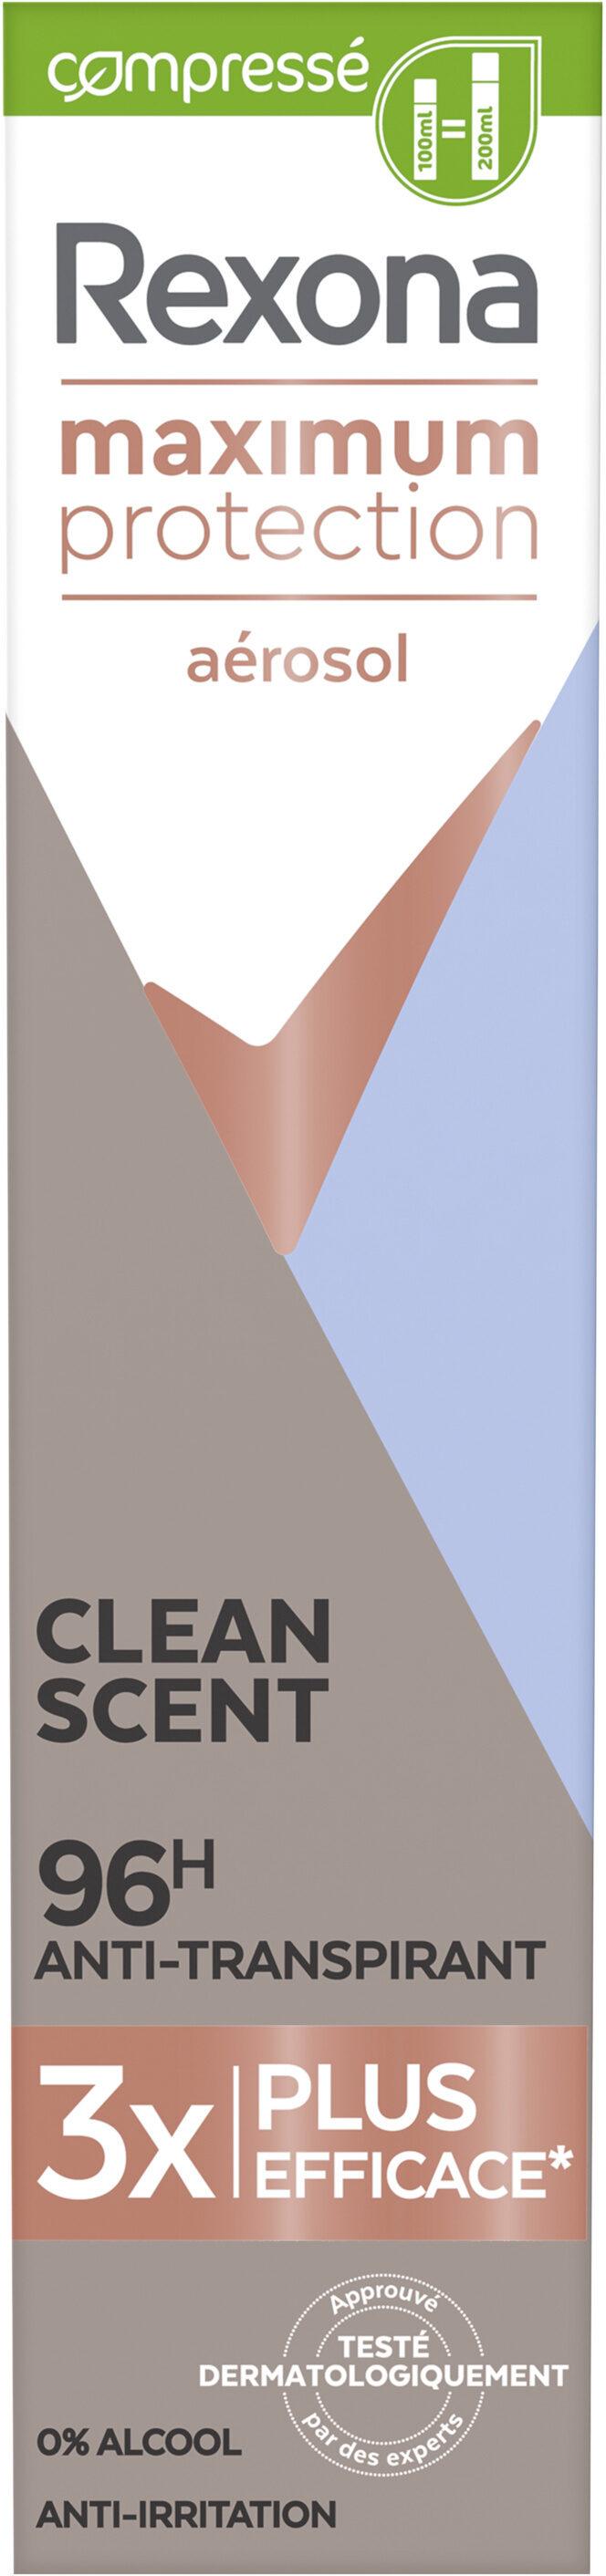 REXONA Déodorant Aérosol Compressé Femme Anti-Transpirant Maximum Protection 96H Clean Scent - Product - fr